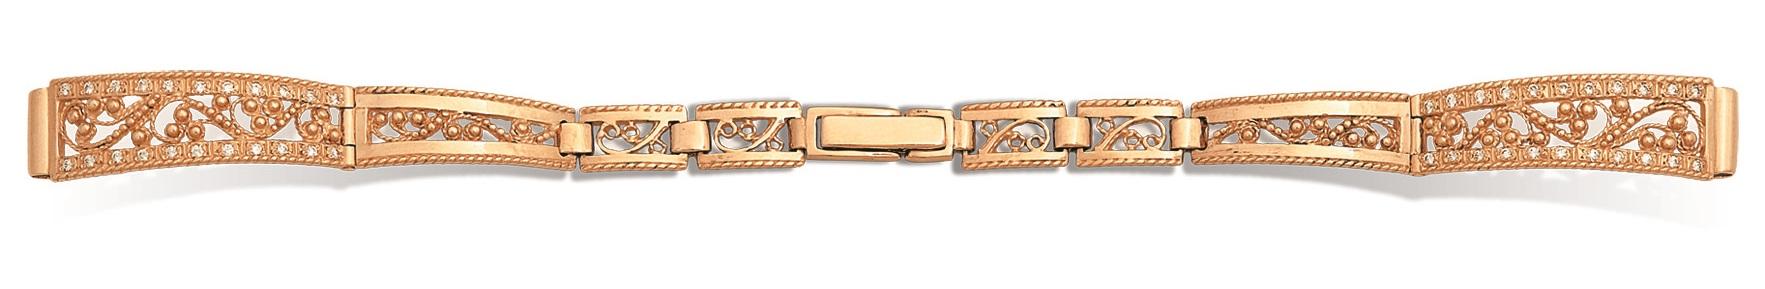 Часовой браслет из золота